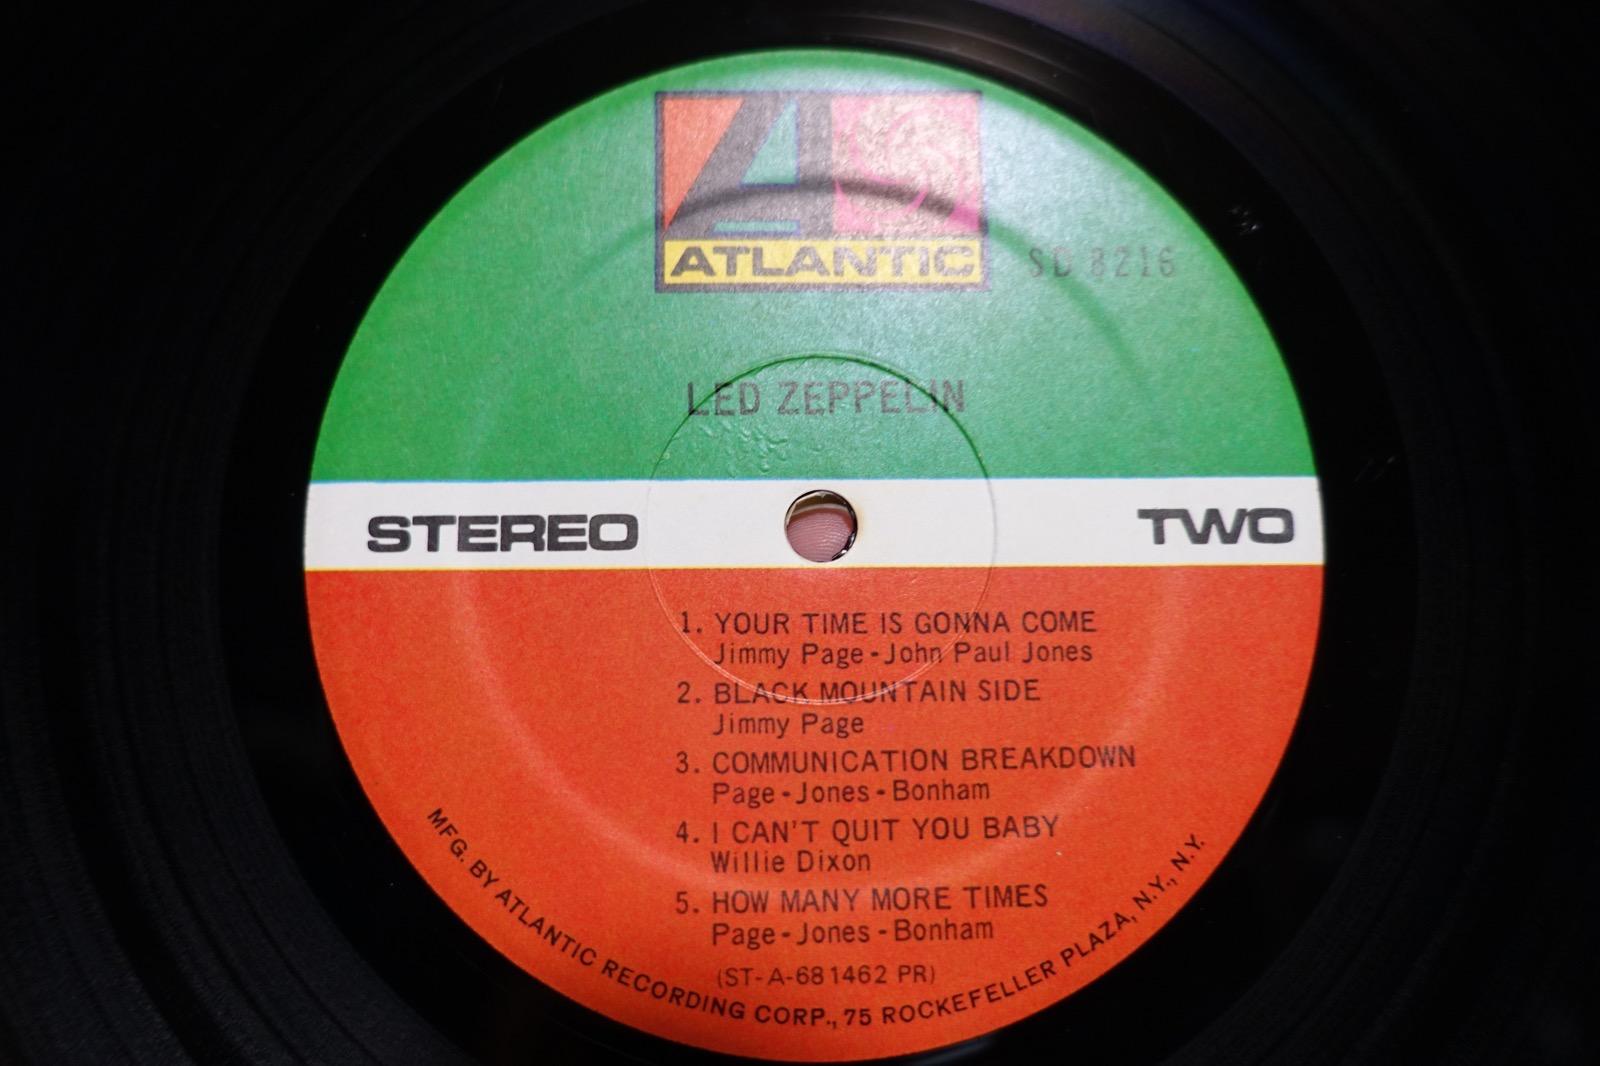 Led ZeppelinⅠのレーベル面